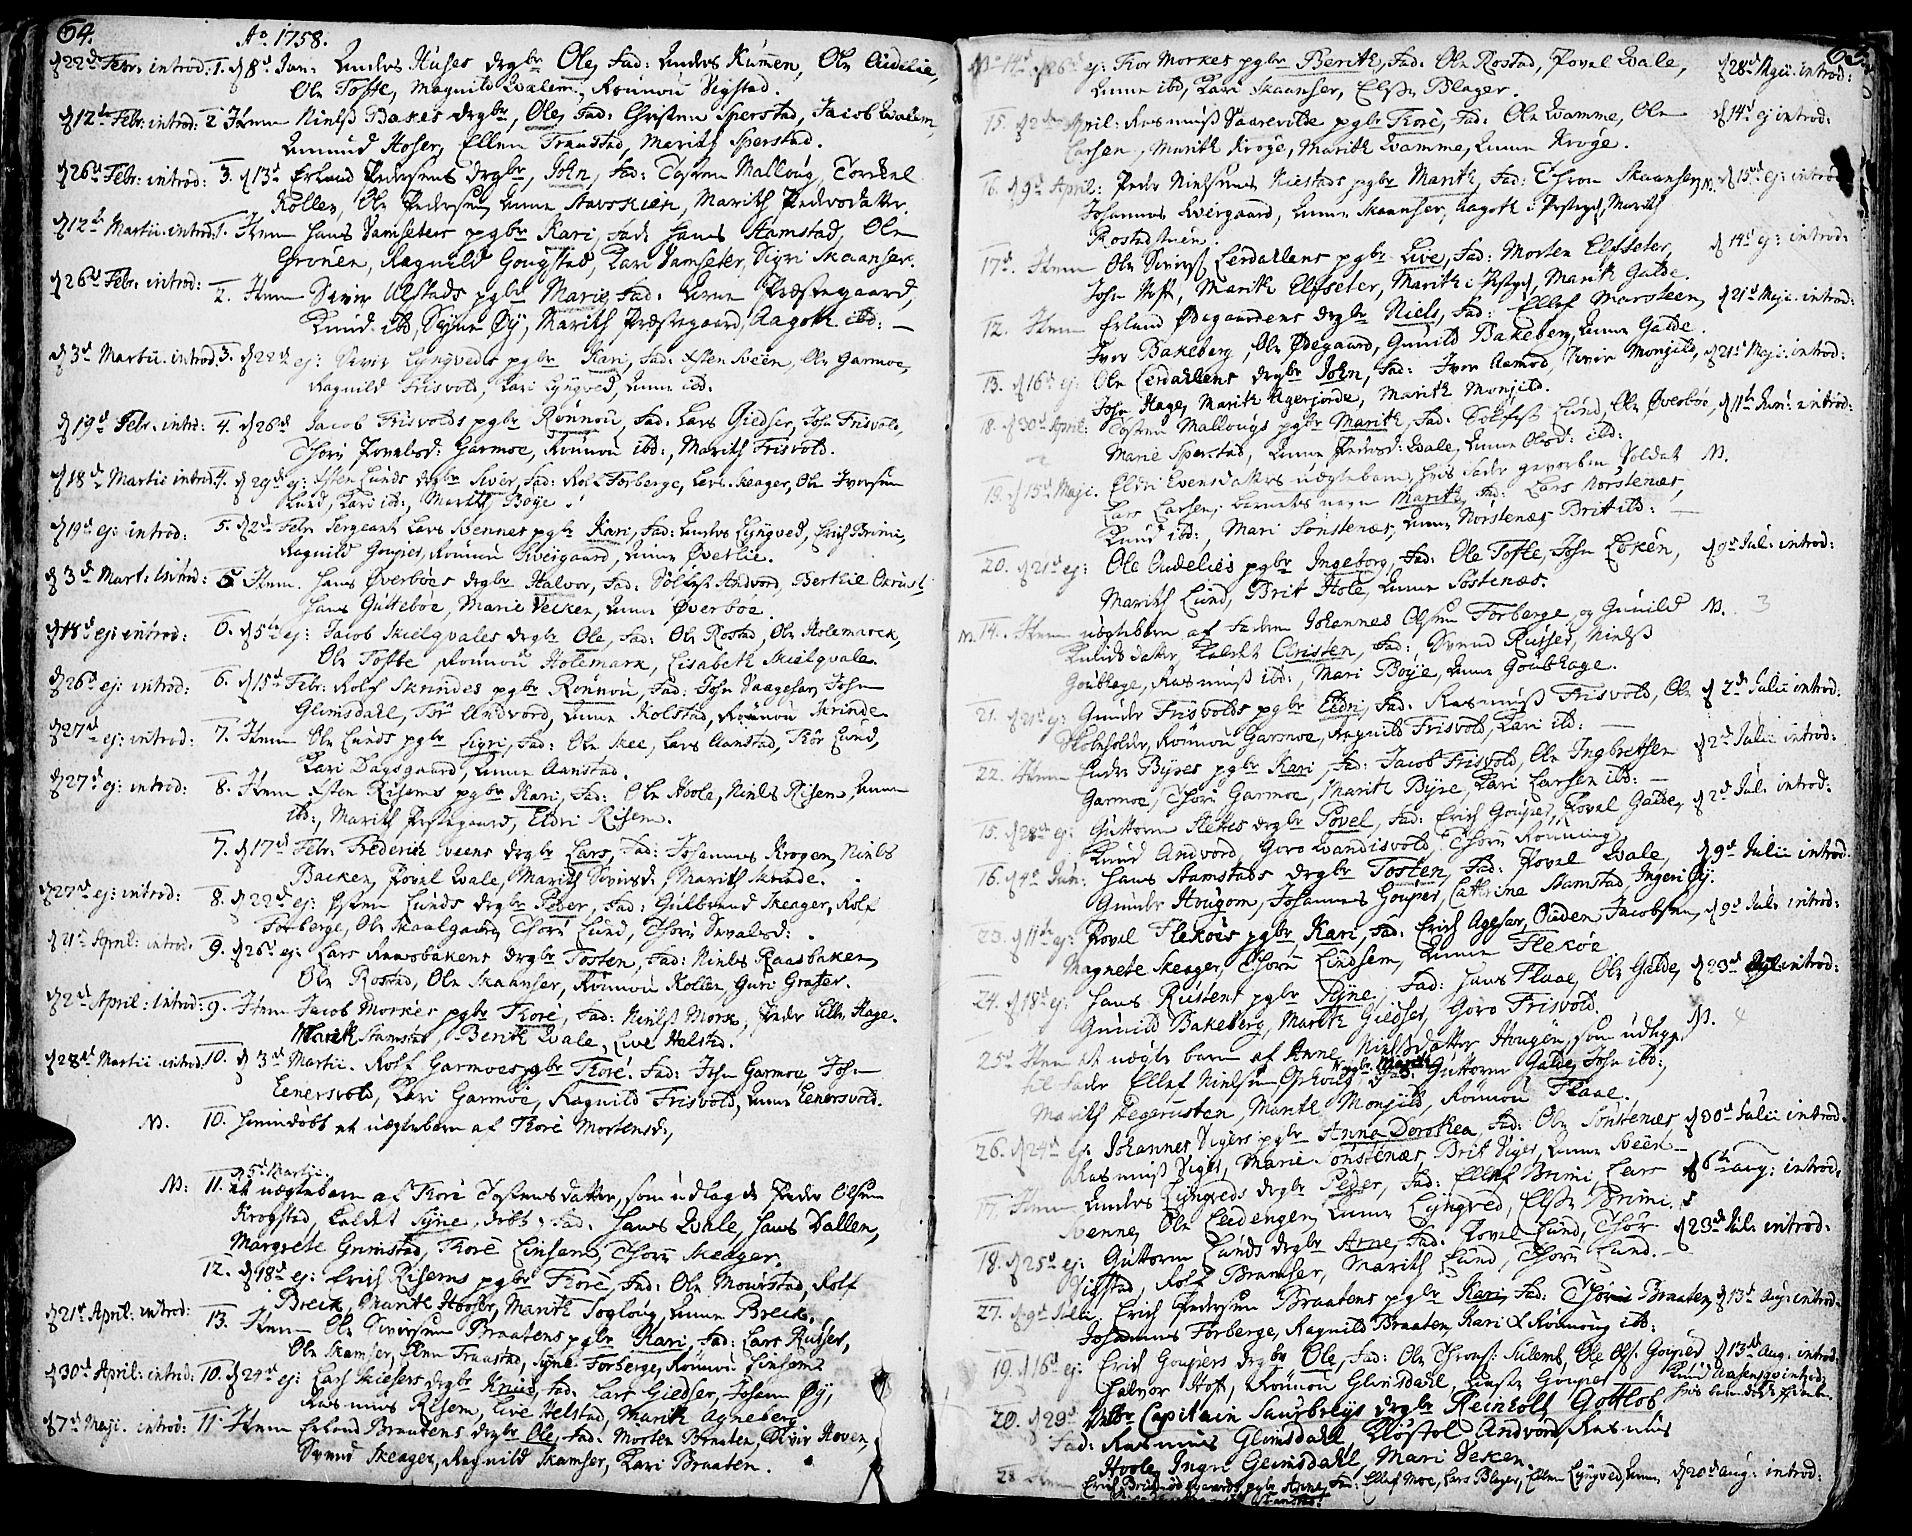 SAH, Lom prestekontor, K/L0002: Ministerialbok nr. 2, 1749-1801, s. 64-65